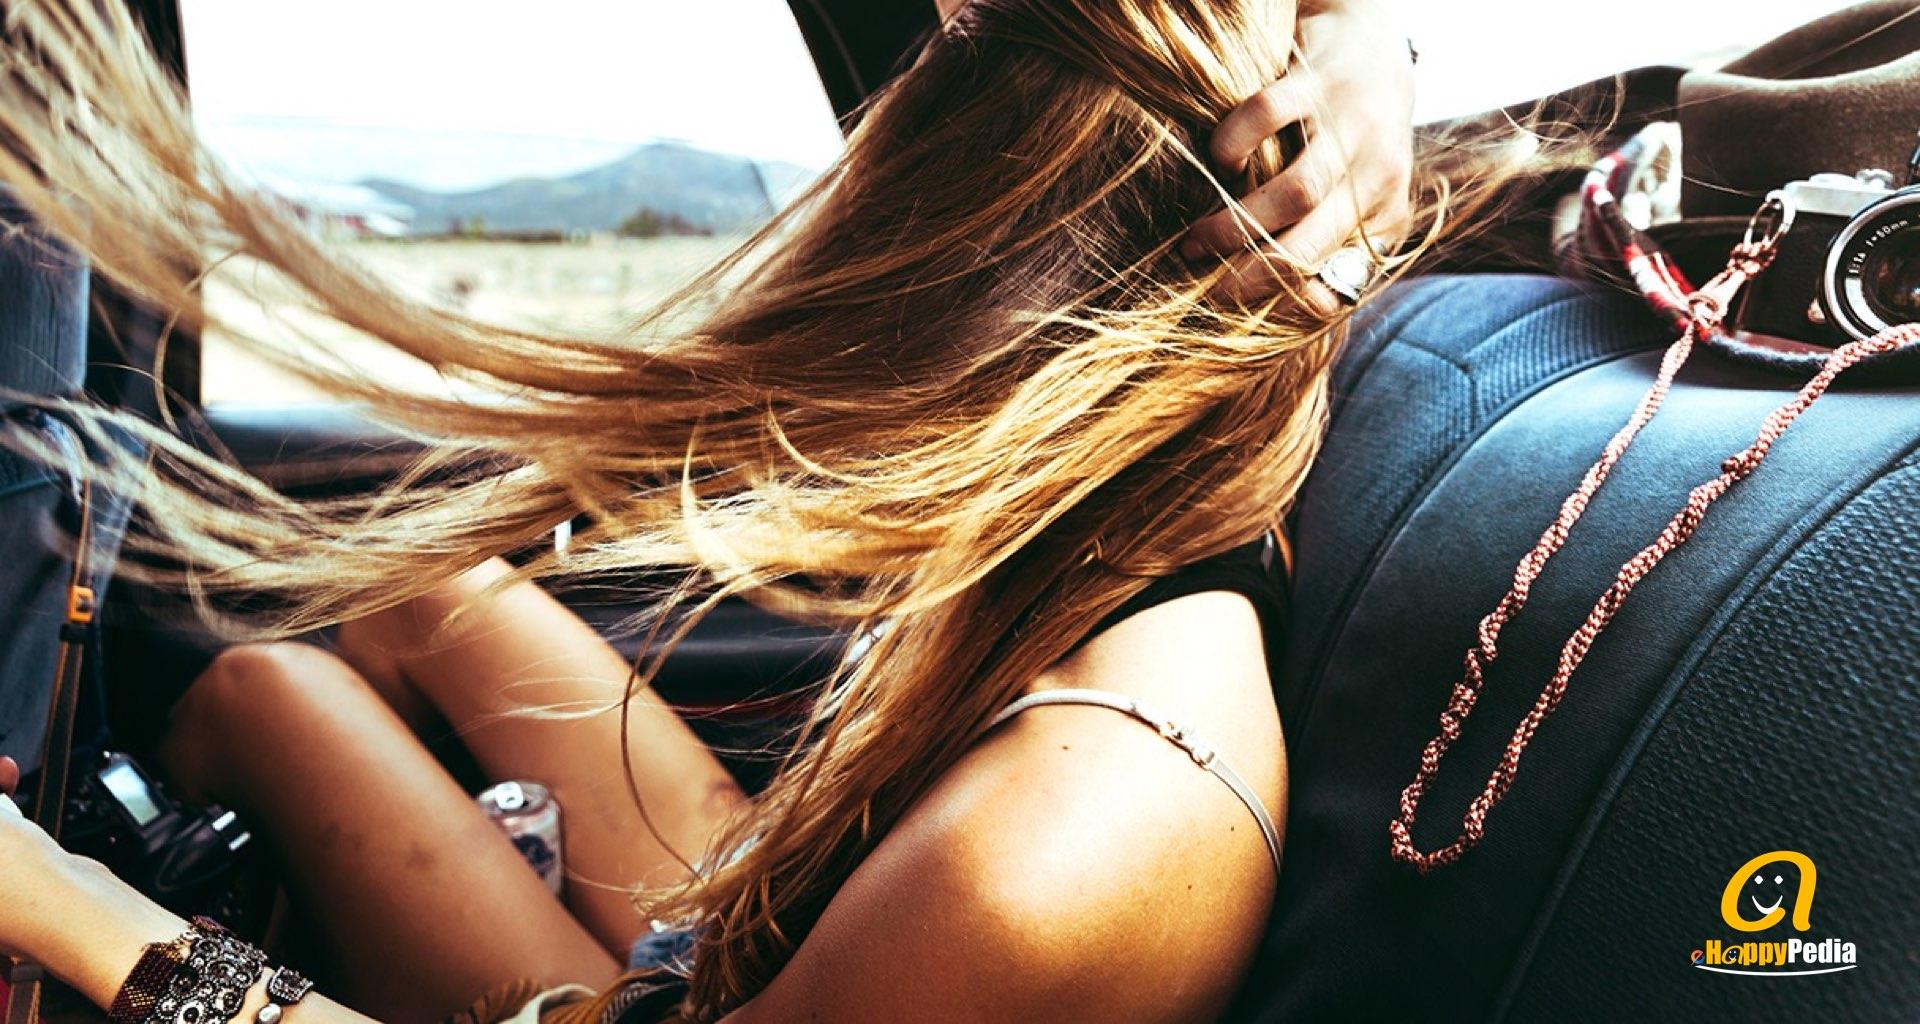 blog - hot woman model hair wind car.jpeg